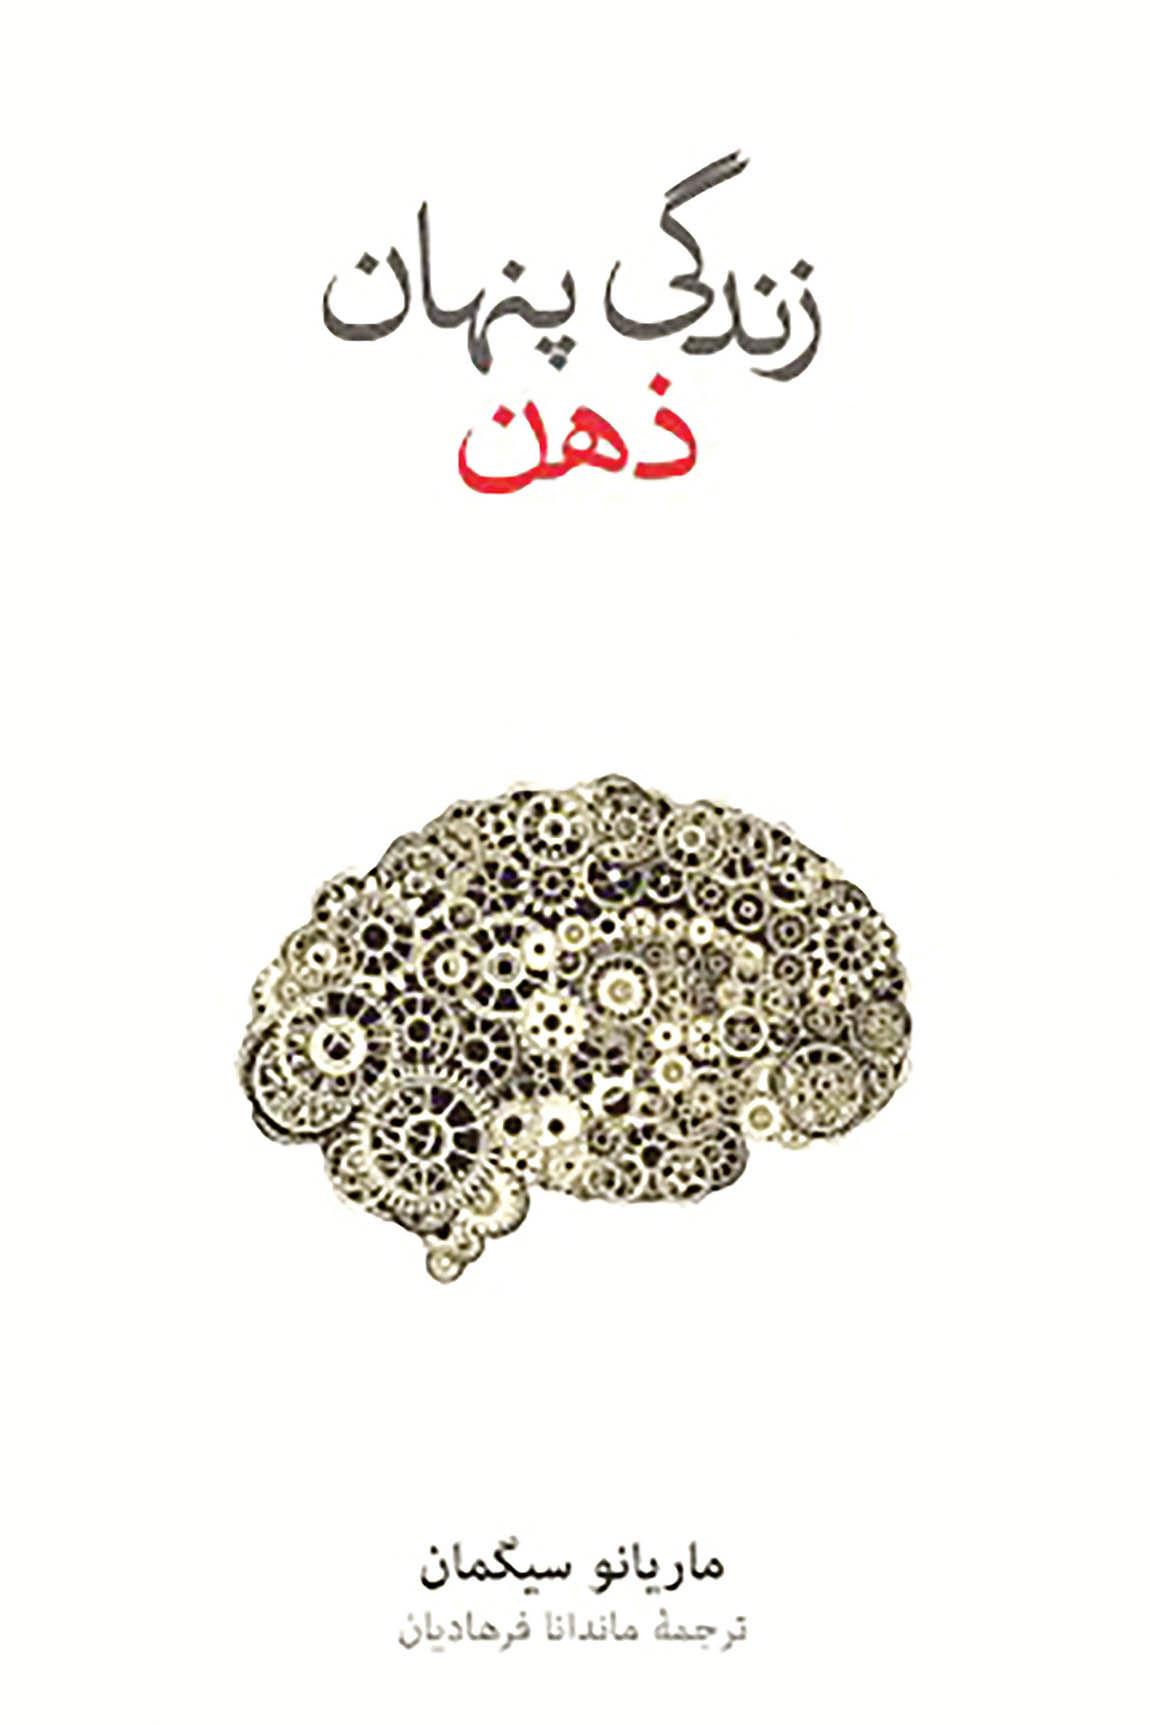 «زندگی پنهان ذهن»  در ویترین کتابفروشیها